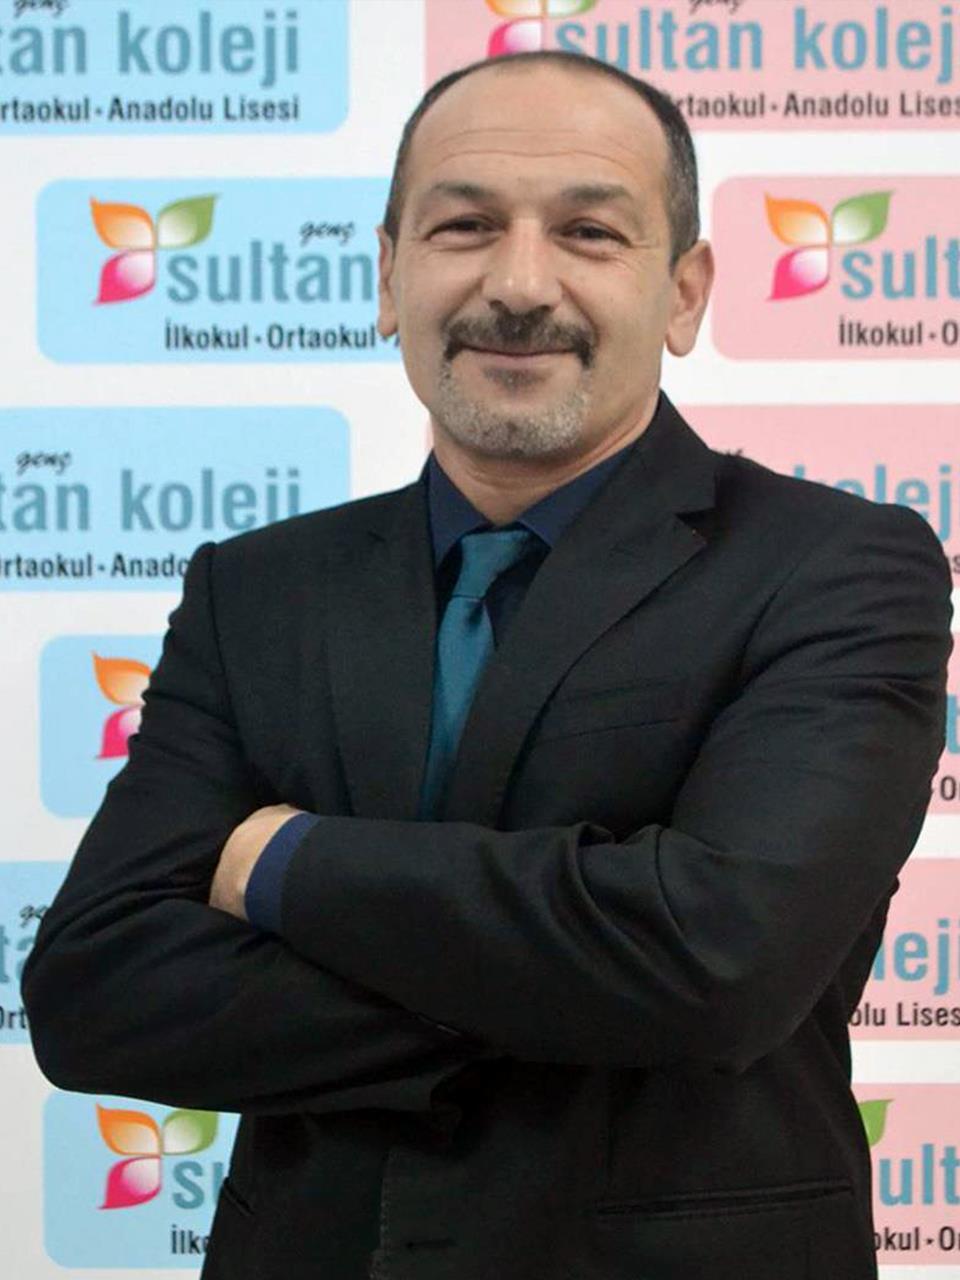 R.MURAT ASLANKOL